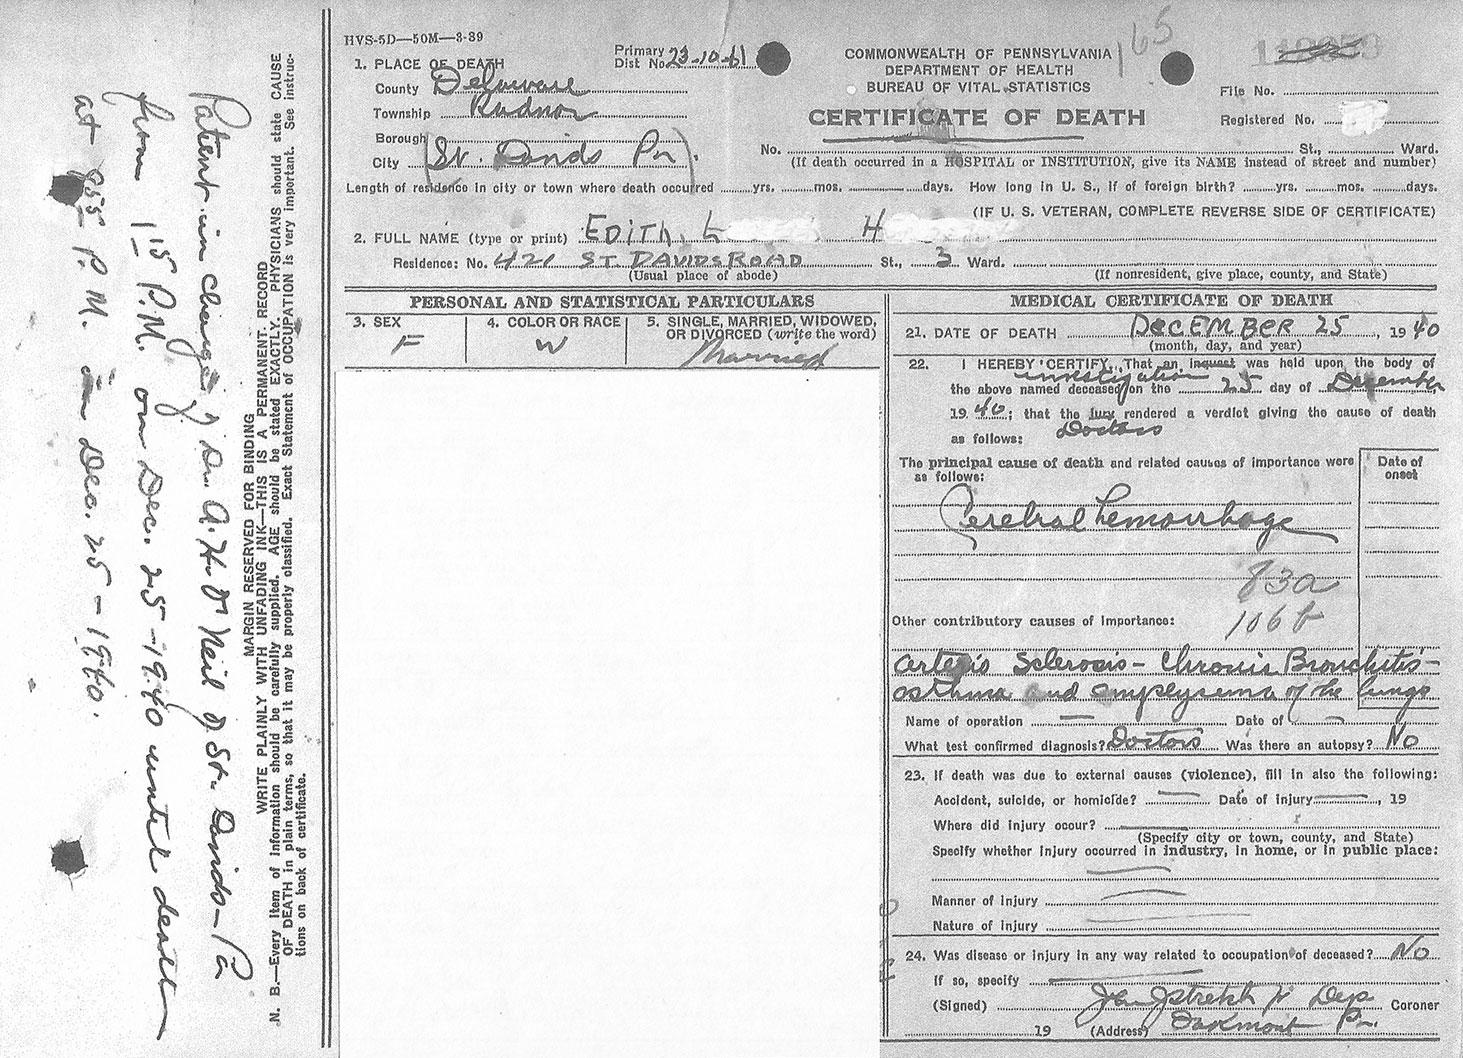 Edith's Death Certificate